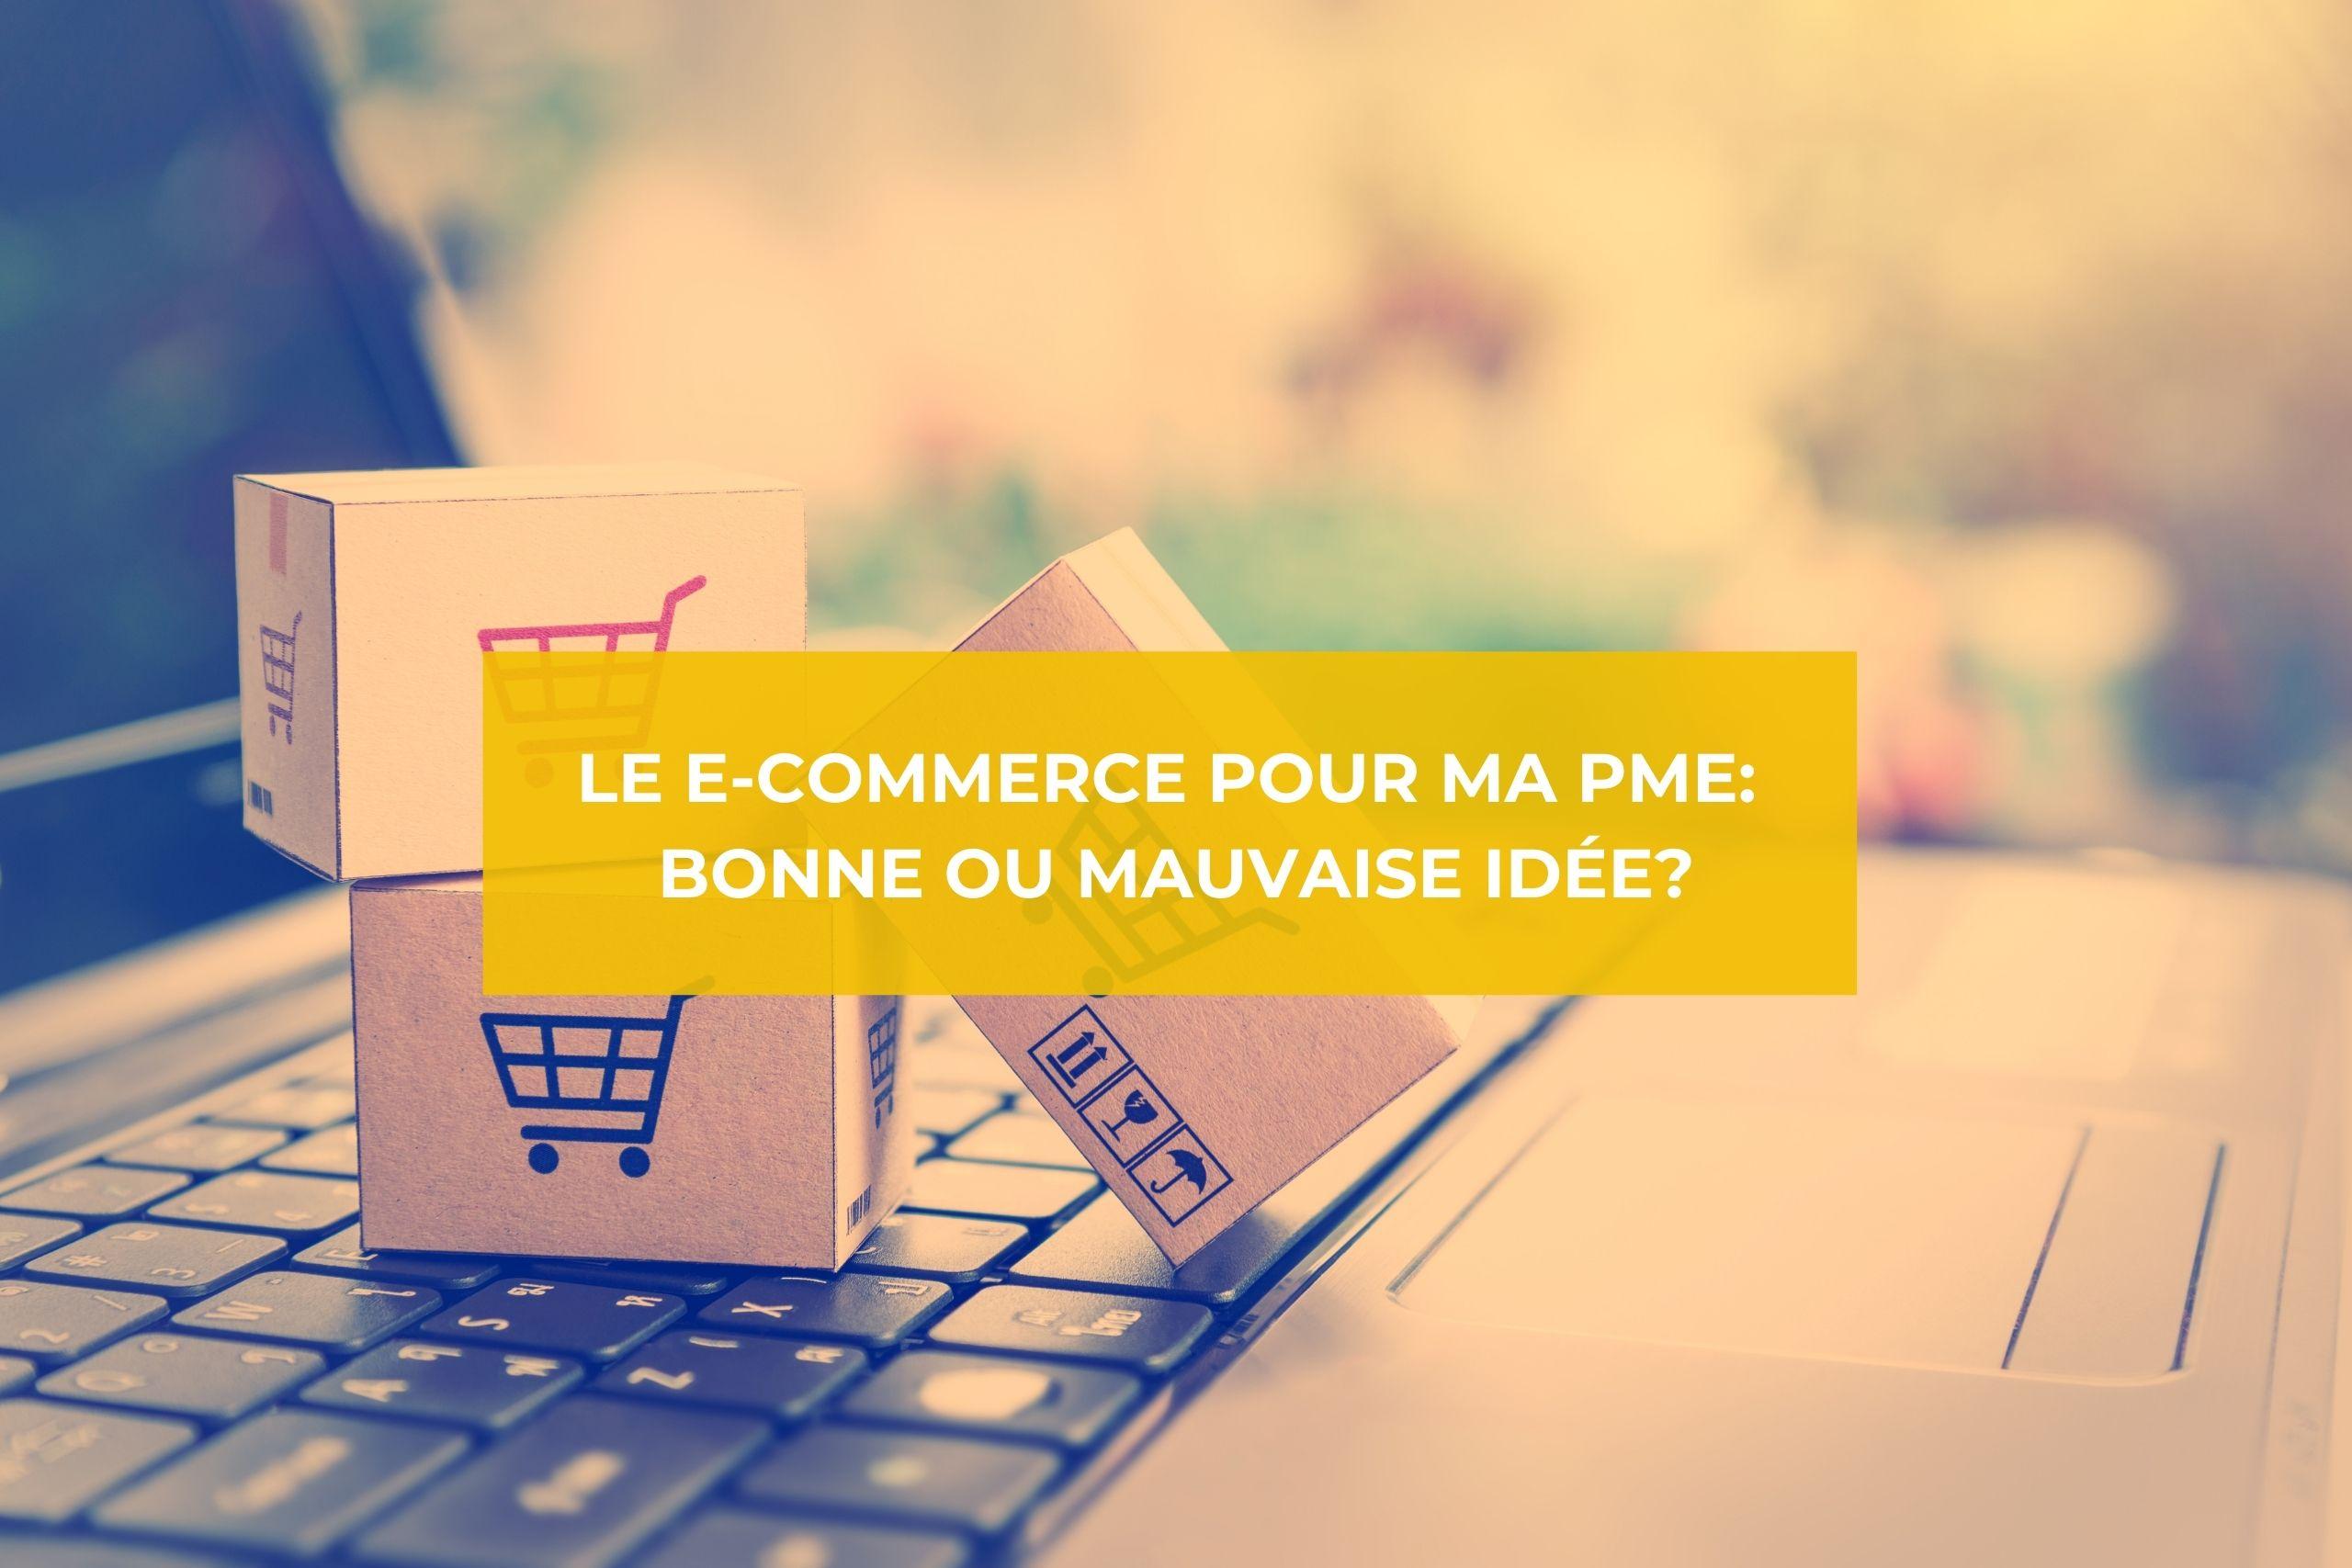 Le e-commerce pour ma PME: bonne ou mauvaise idée?